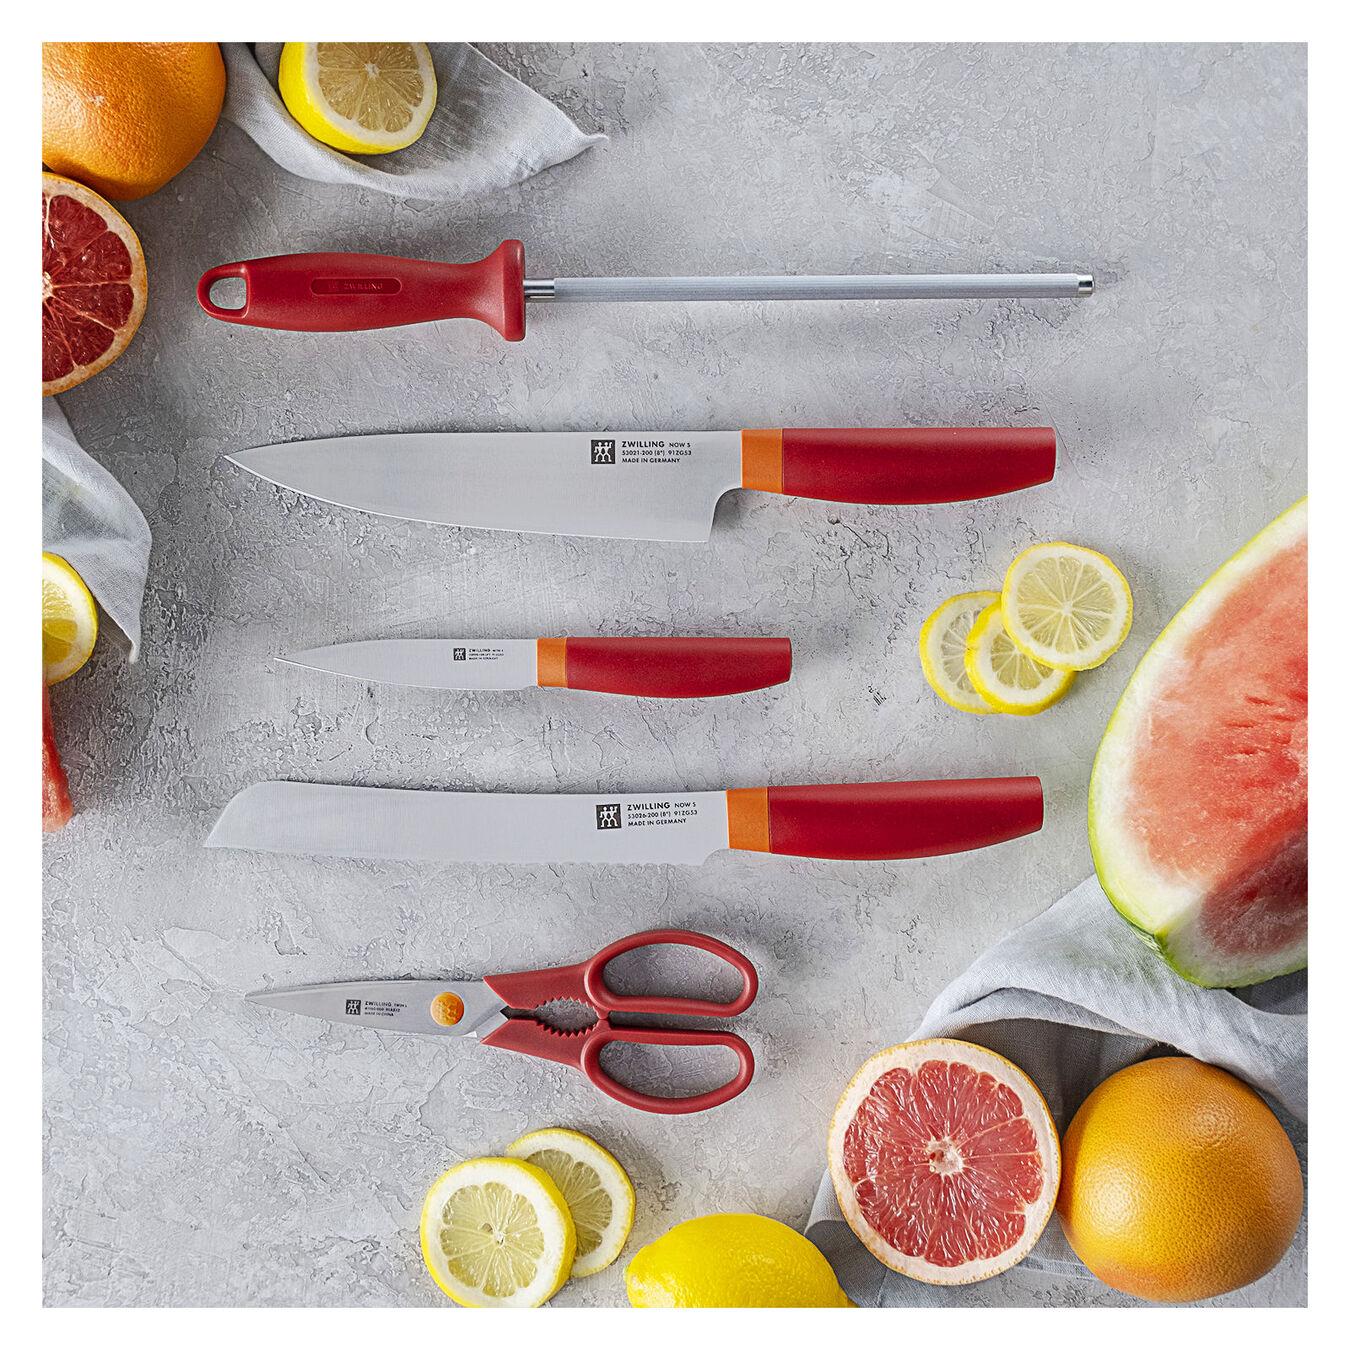 6-pc, Z Now S Knife Block Set, orange,,large 5